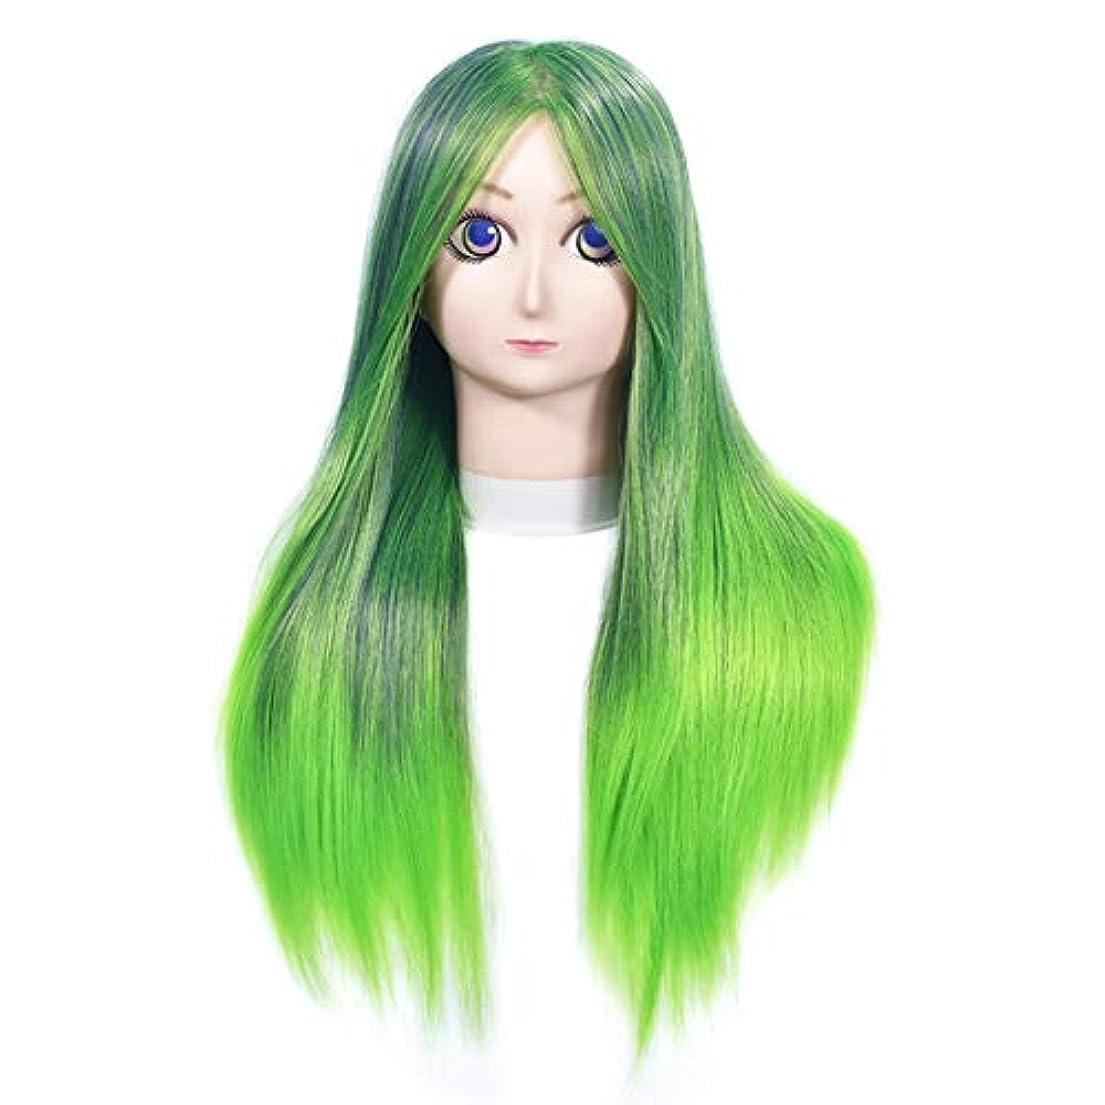 カメ二度プラカード高温シルクヘアスタイリングモデルヘッド女性モデルヘッドティーチングヘッド理髪店編組髪染め学習ダミーヘッド,gradientgreen